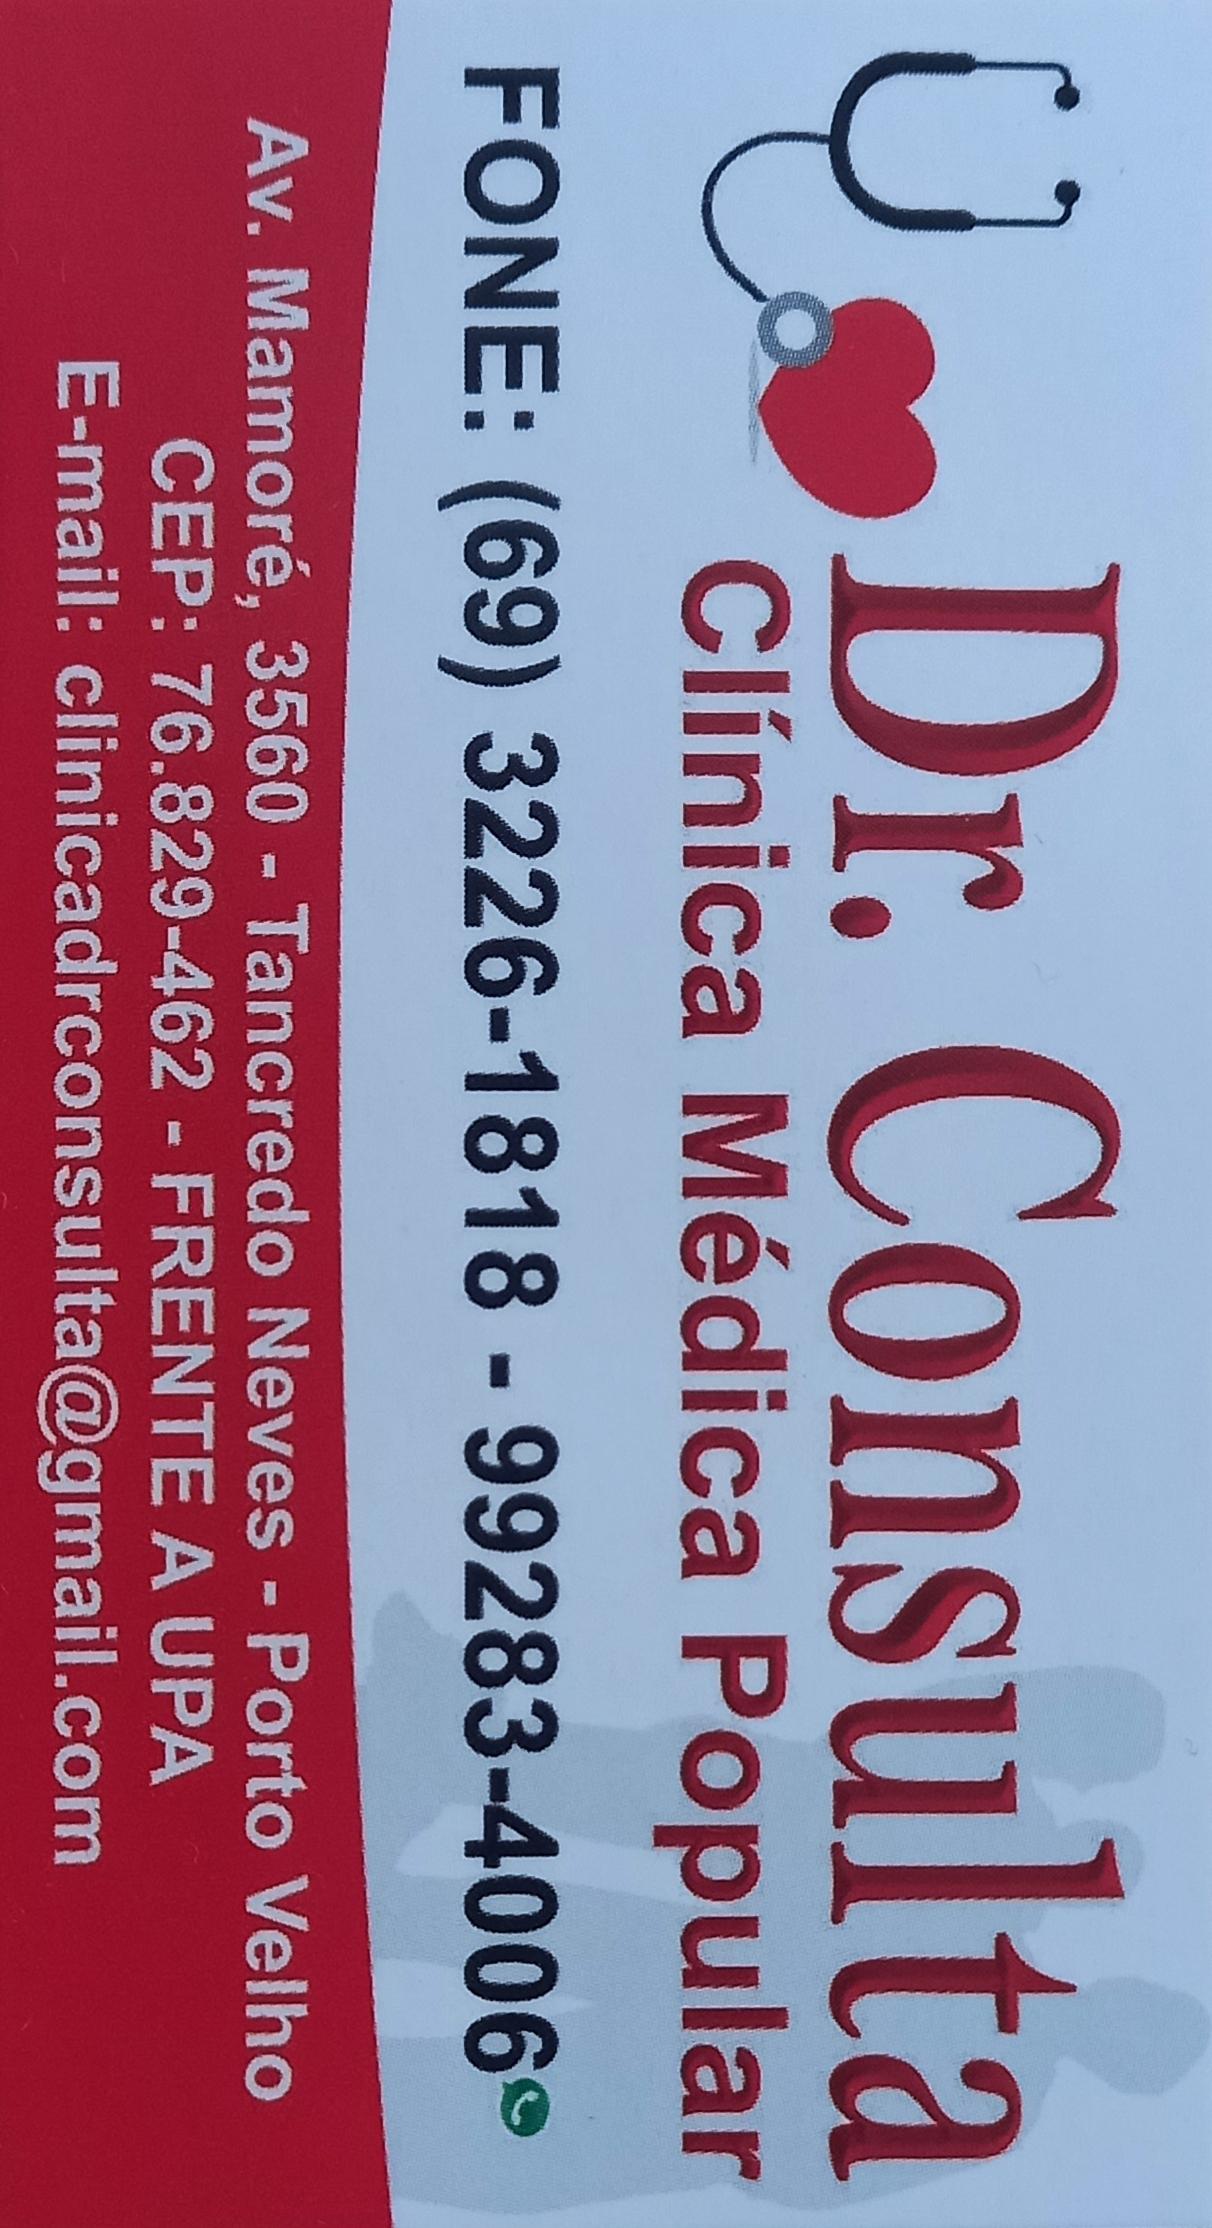 Dr. Consulta. Clínica Médica Popular